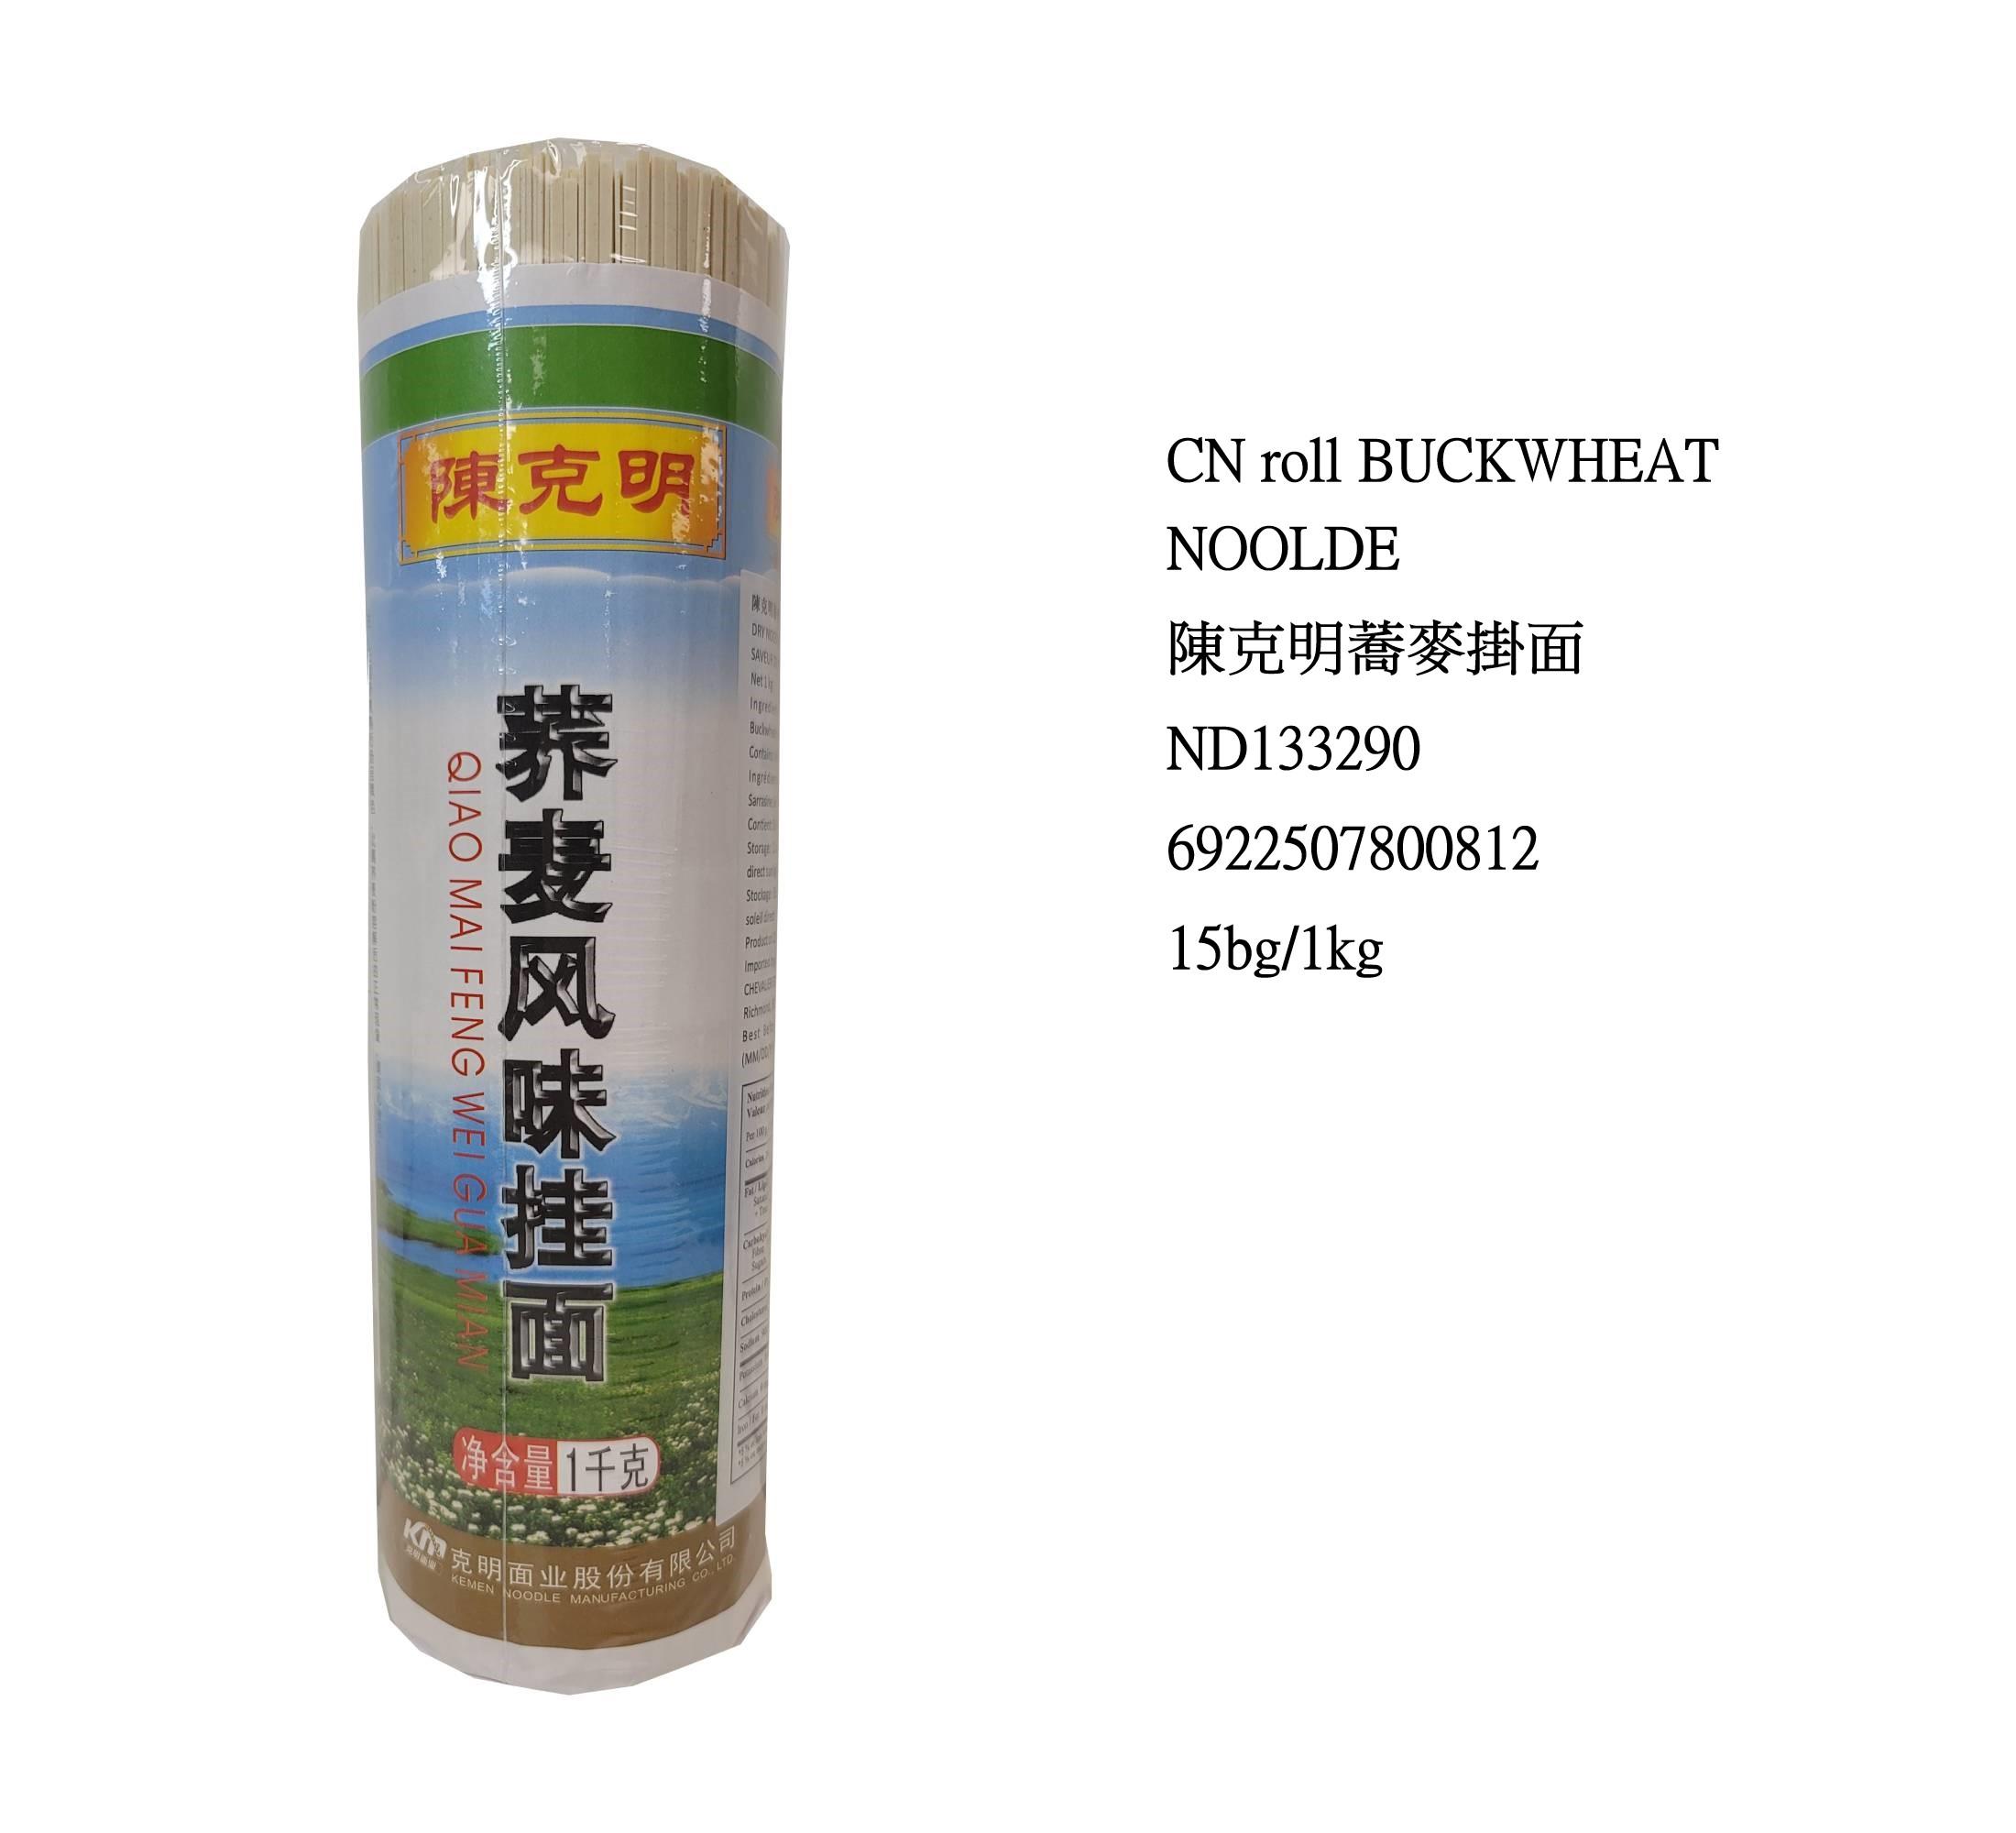 陈克明荞麦挂面